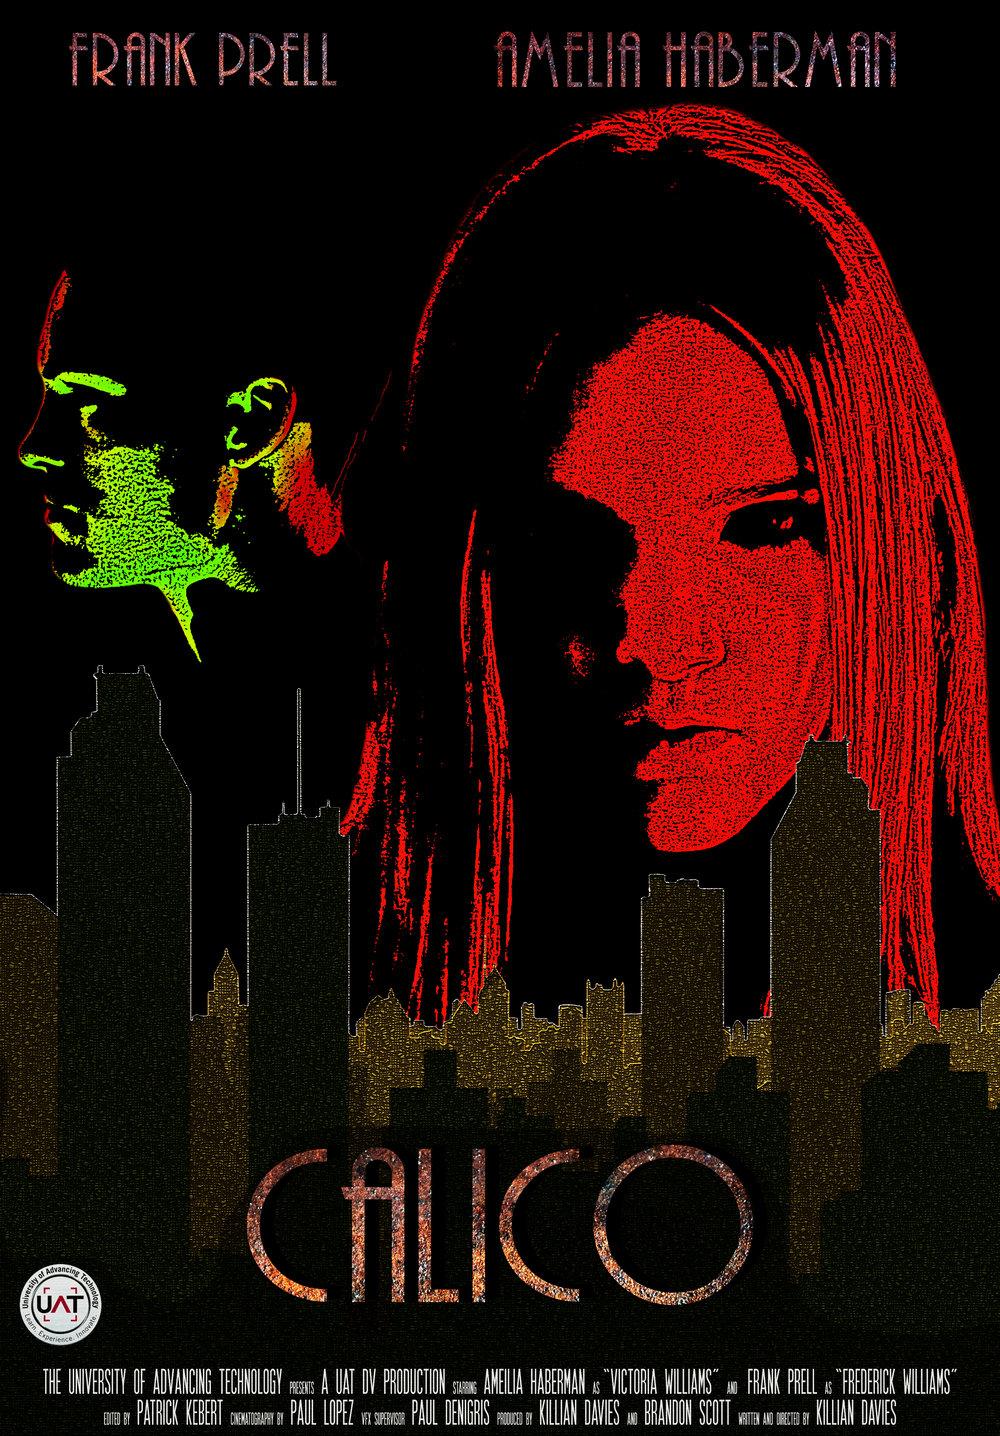 Calico (2016) - Producer